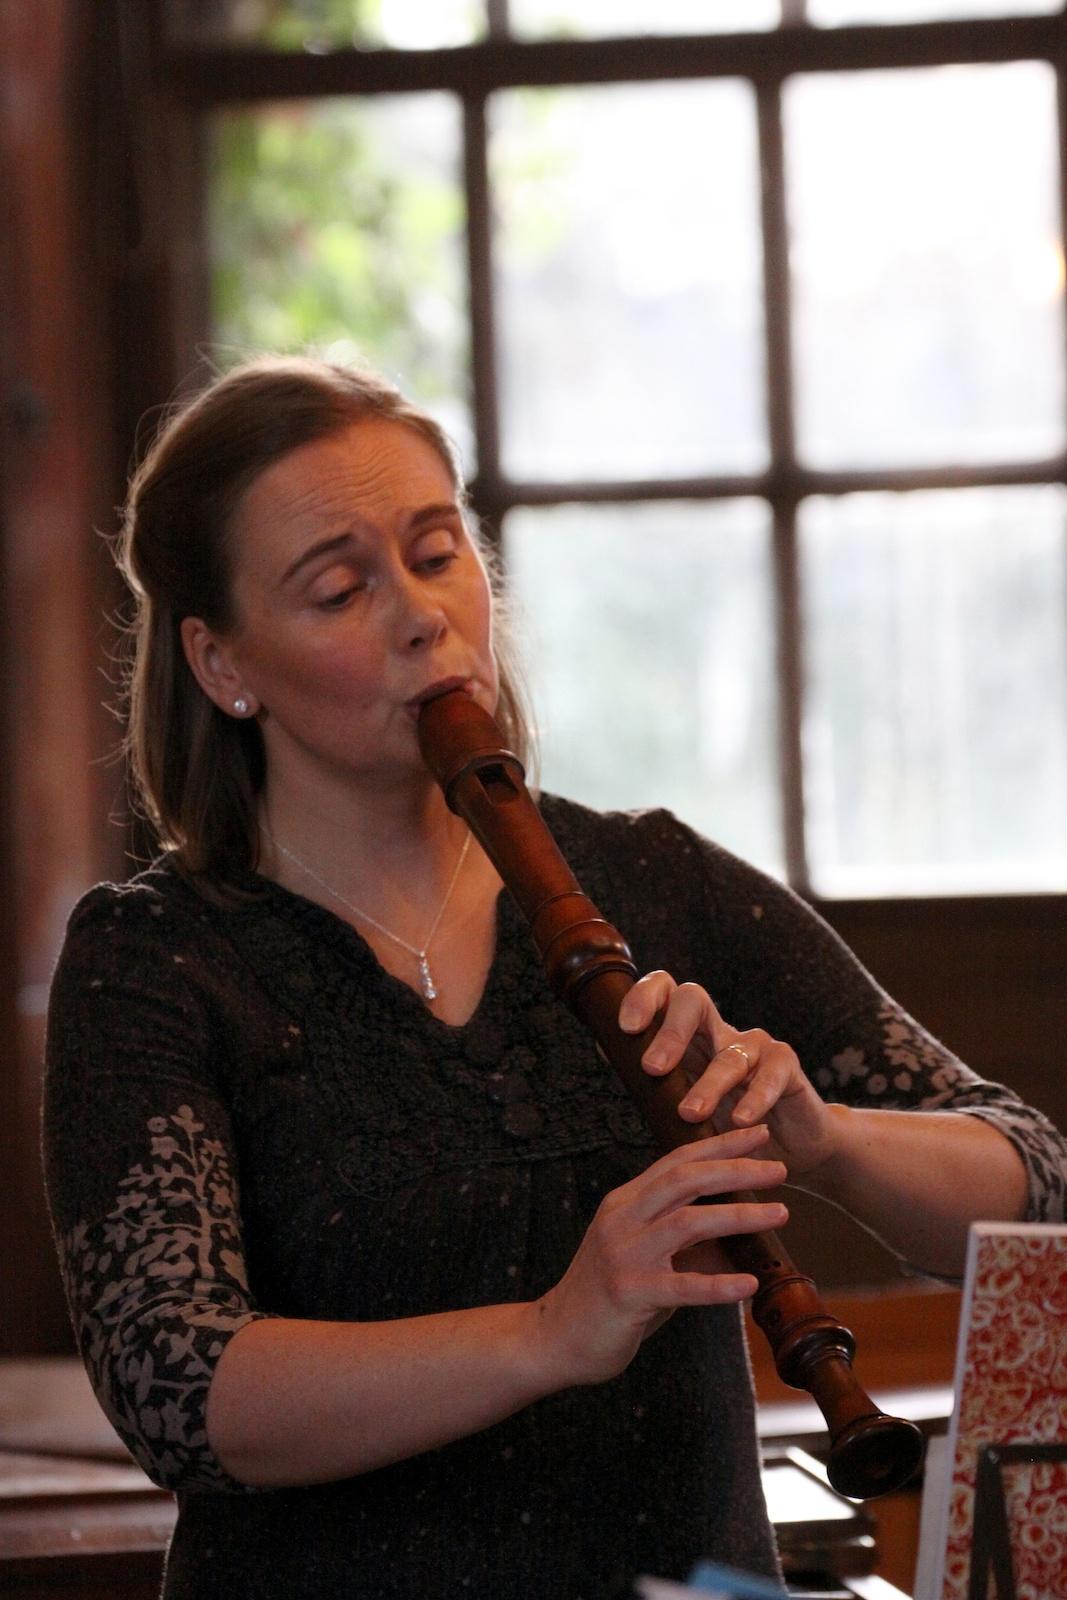 Louise Bradbury playing recorder